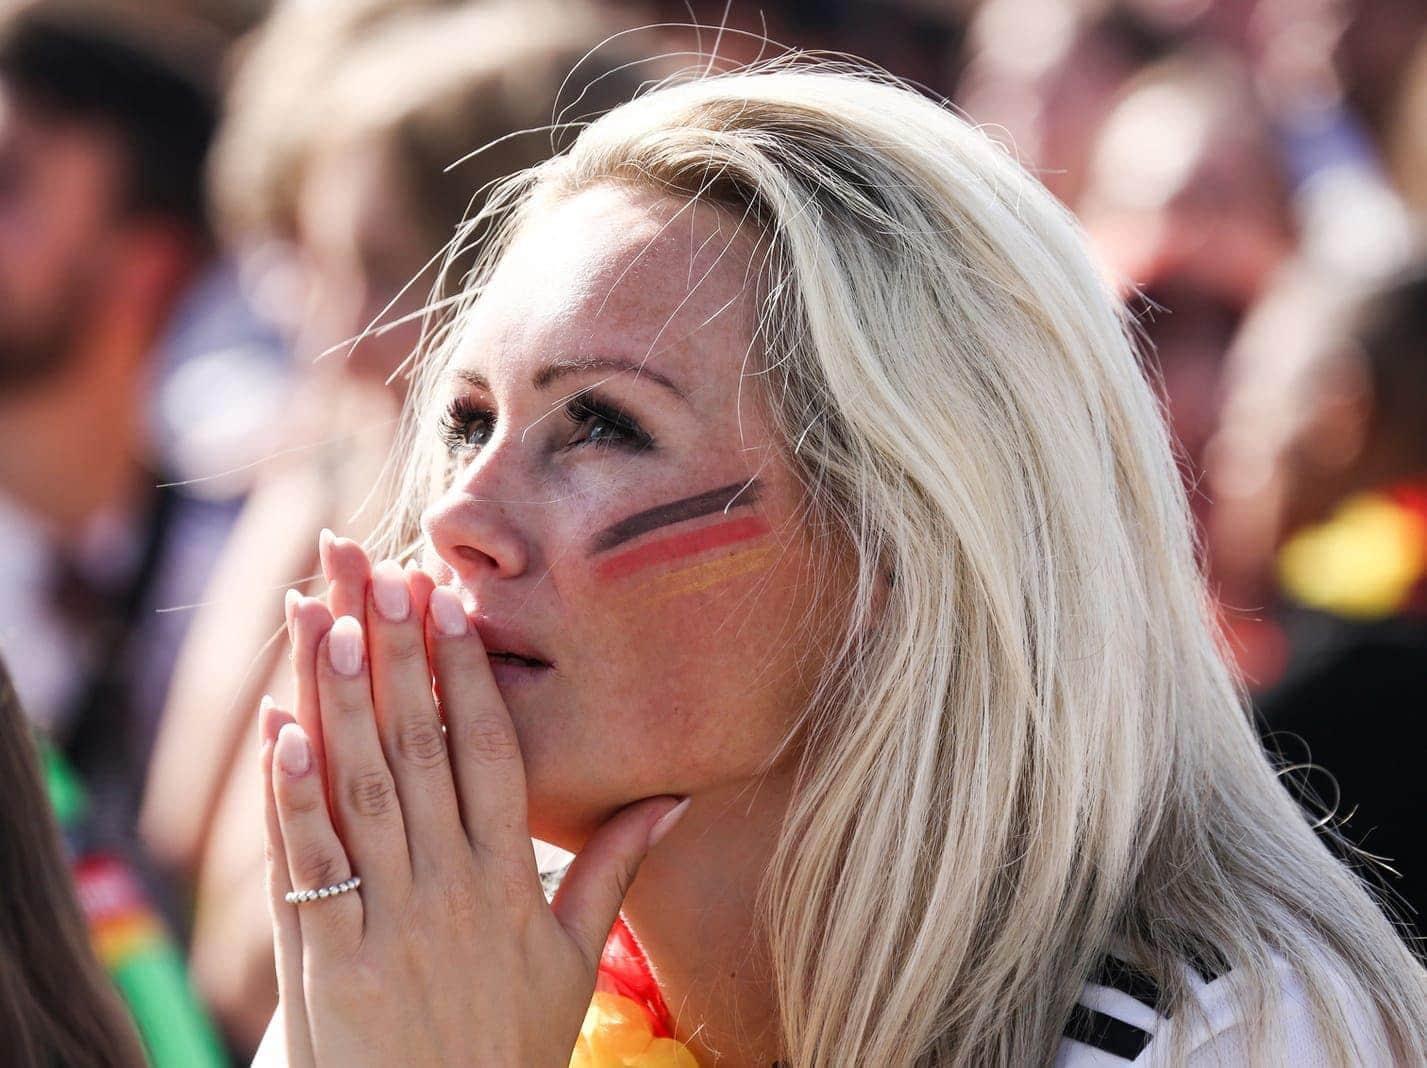 <p>Deutschland scheitert bei der WM als amtierender Weltmeister in der Vorrunde. So berichten die Medien über das WM-Aus des DFB-Teams.</p> Foto: dpa